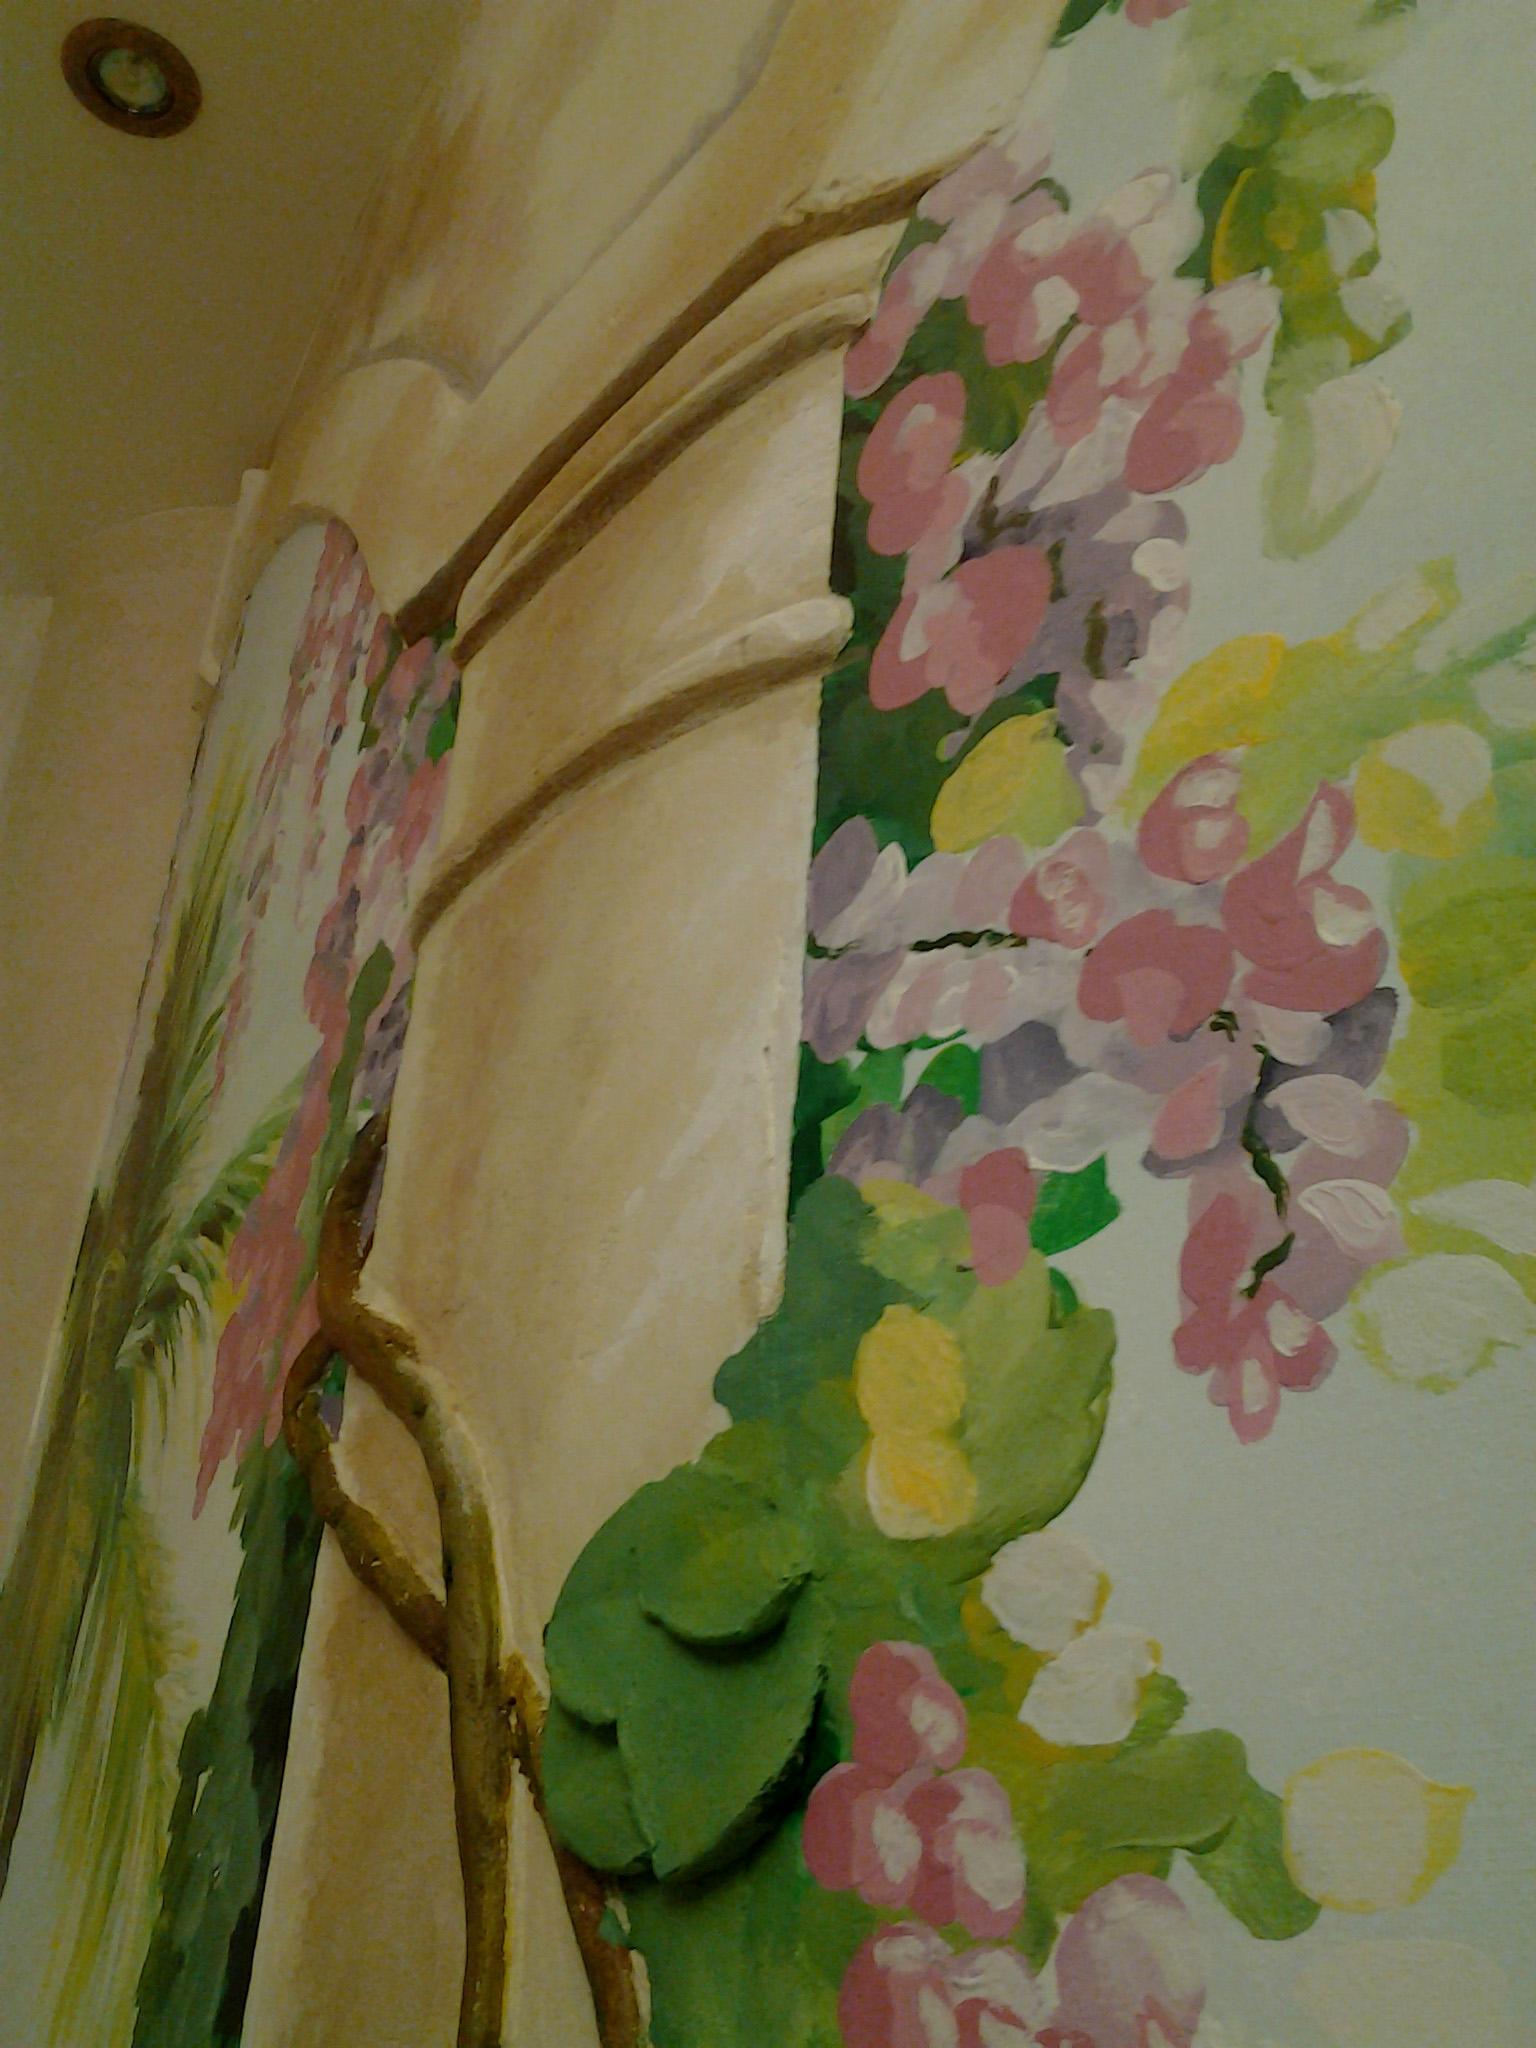 Цветы красками на стене фото